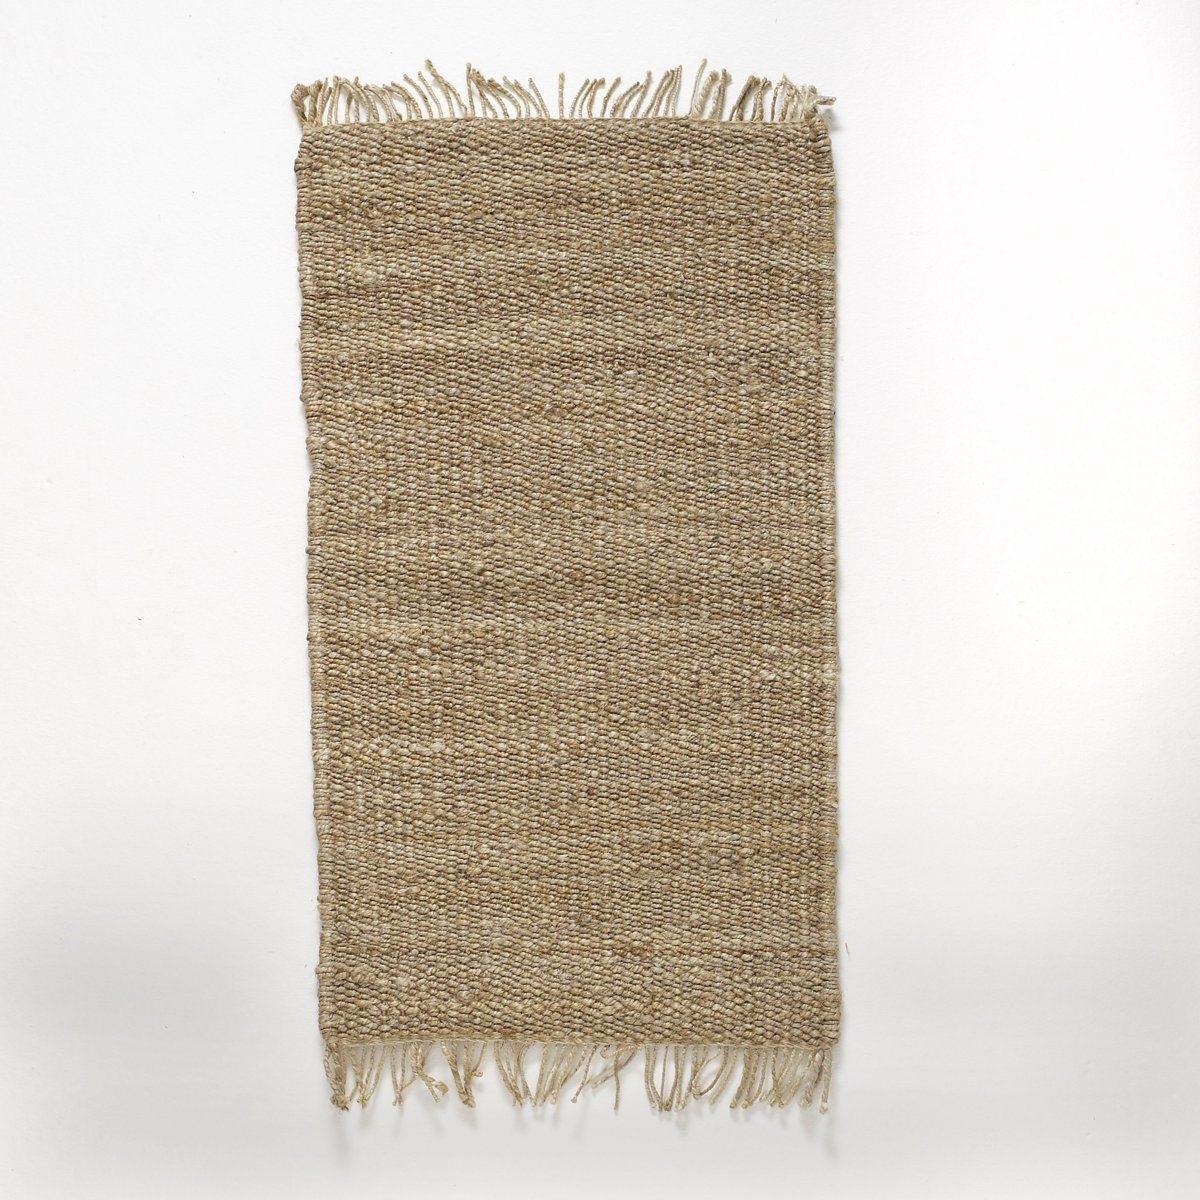 Прикроватный коврик, из джута, AjanХарактеристики прикроватного коврика Ajan :100% джута естественного оттенка.Отделка бахромой.Откройте для себя ковер Ajan и другие ковры на сайте laredoute.ru.Размеры прикроватного коврика Ajan :Ширина : 60 смДлина : 110 см<br><br>Цвет: бежевый<br>Размер: 60 x 110  см